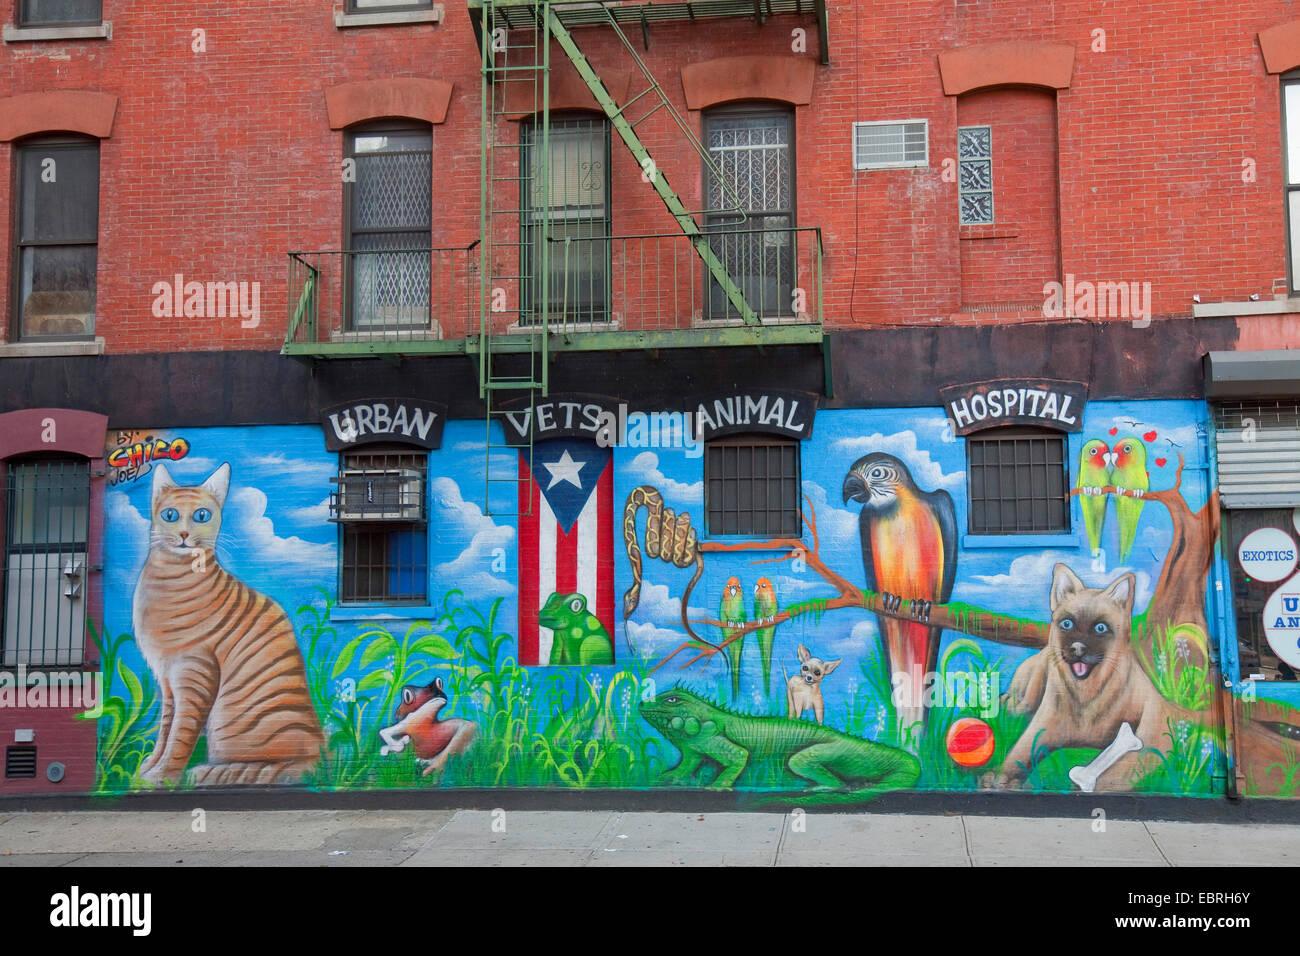 Graffiti wall usa - Stock Photo Graffiti On House Wall Usa East Village New York City